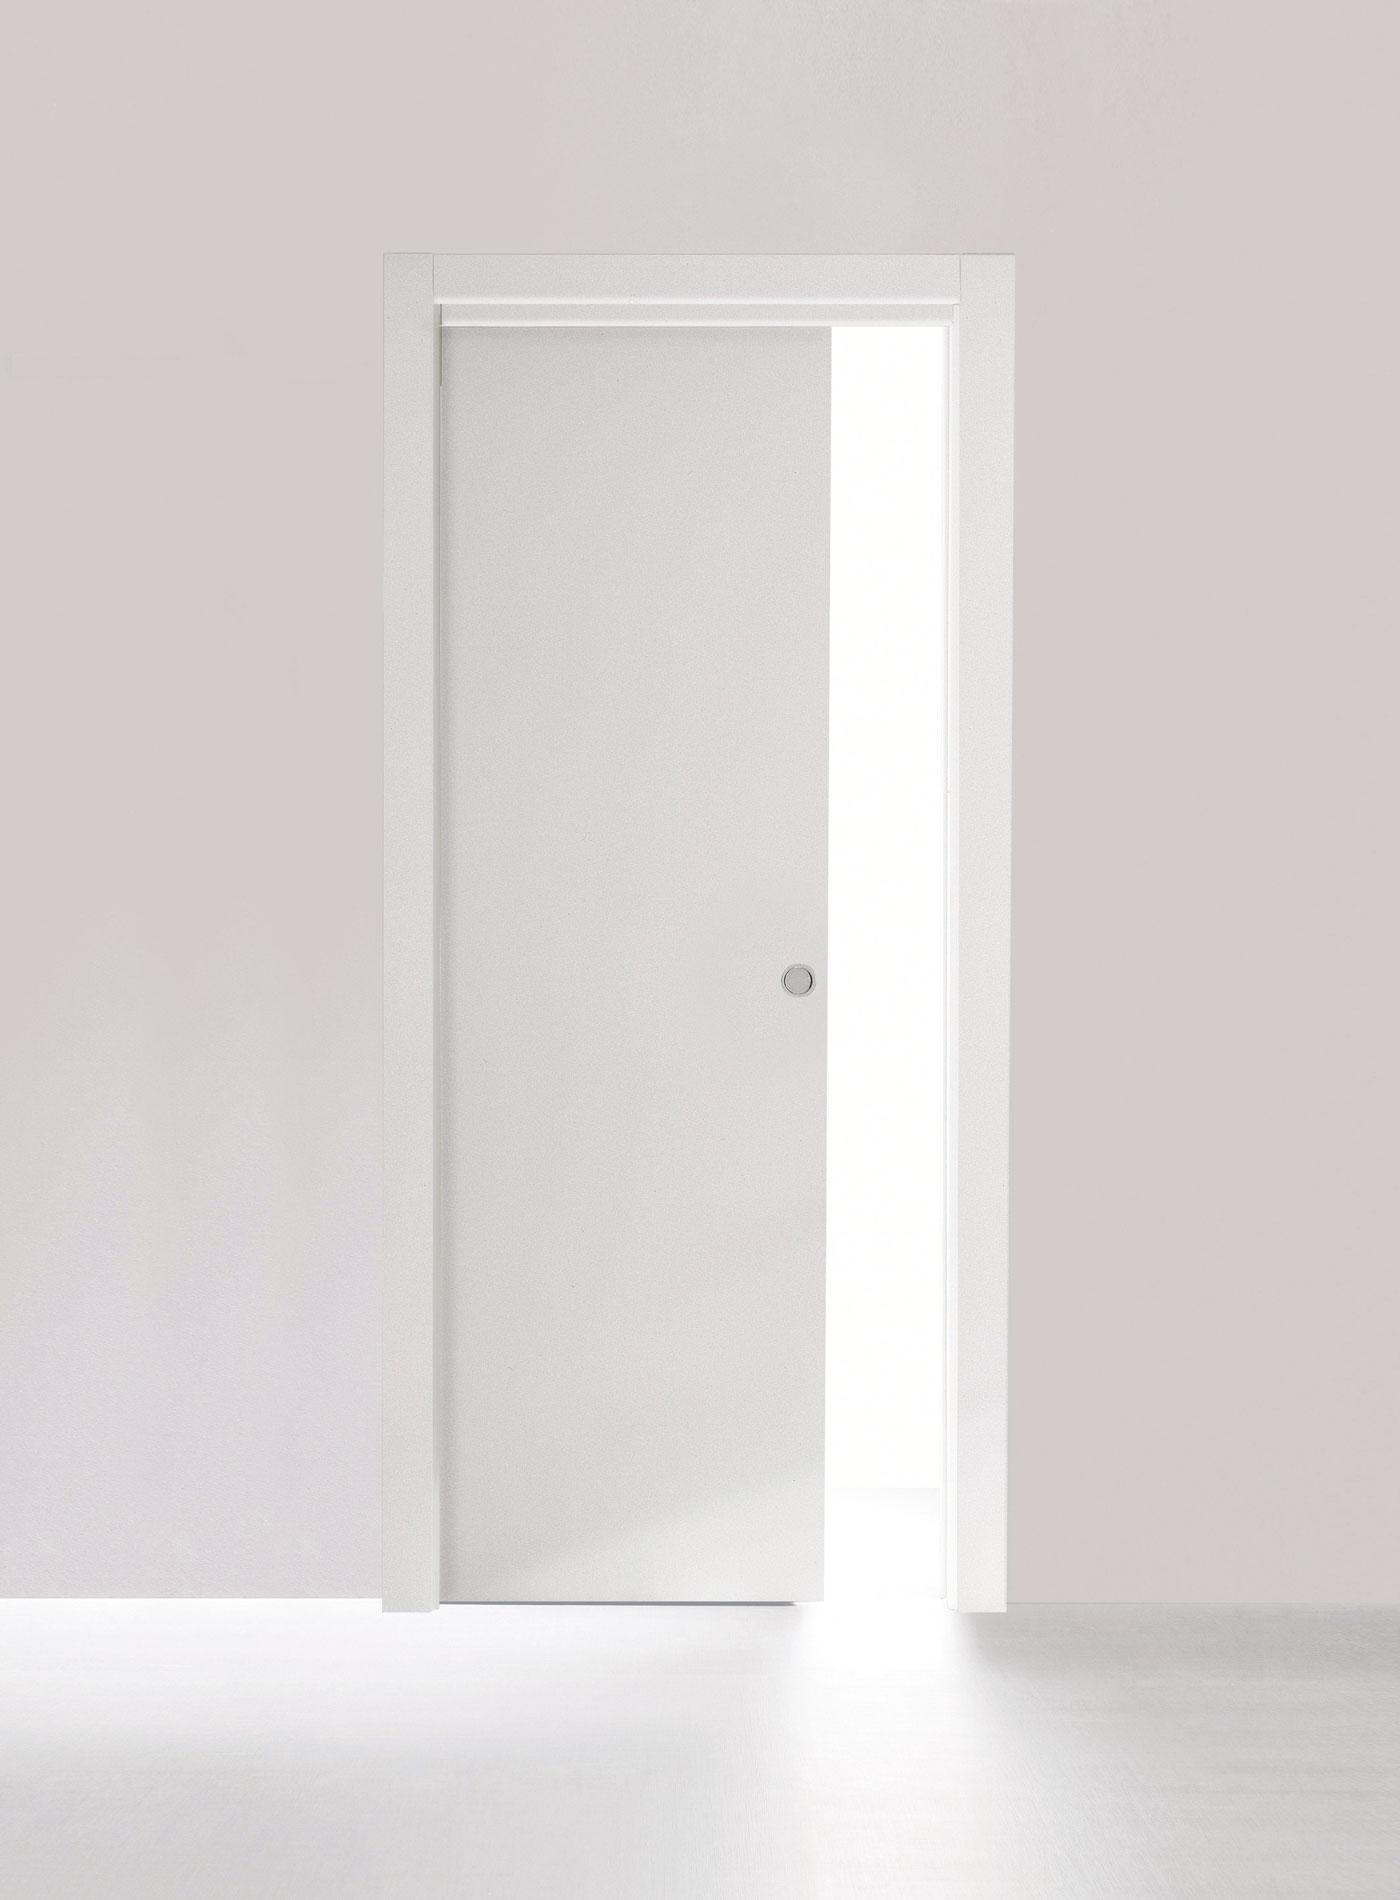 Sliding inside the wall door